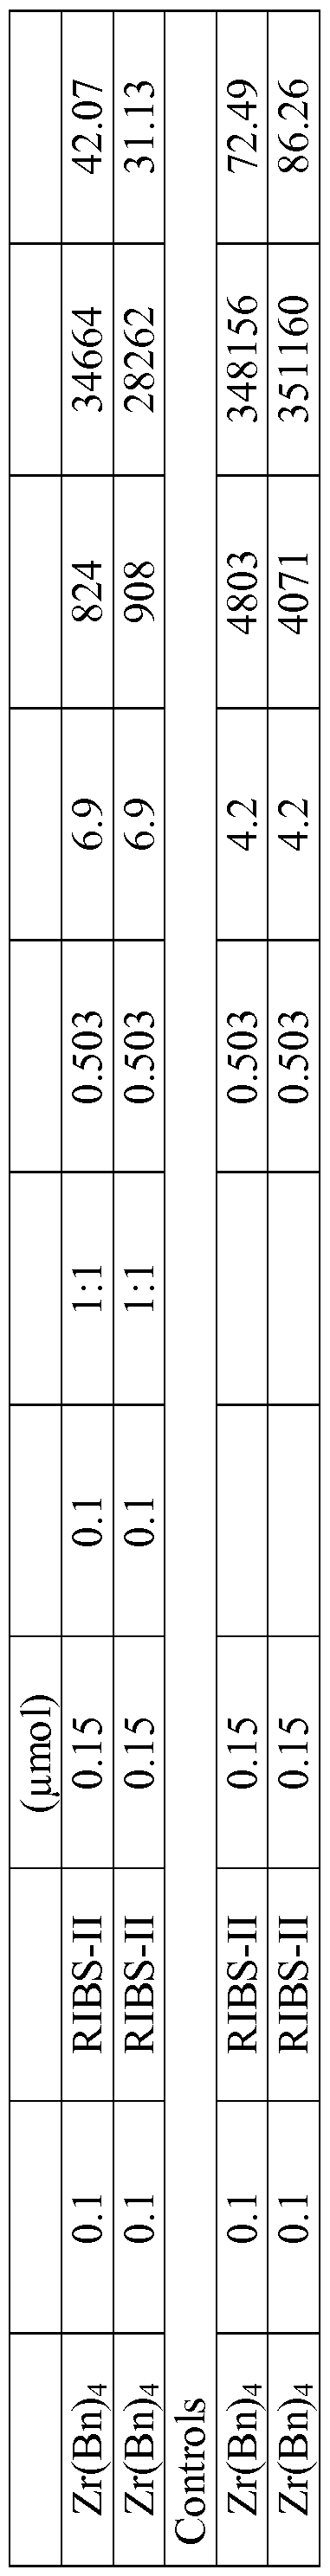 Figure imgf000079_0003